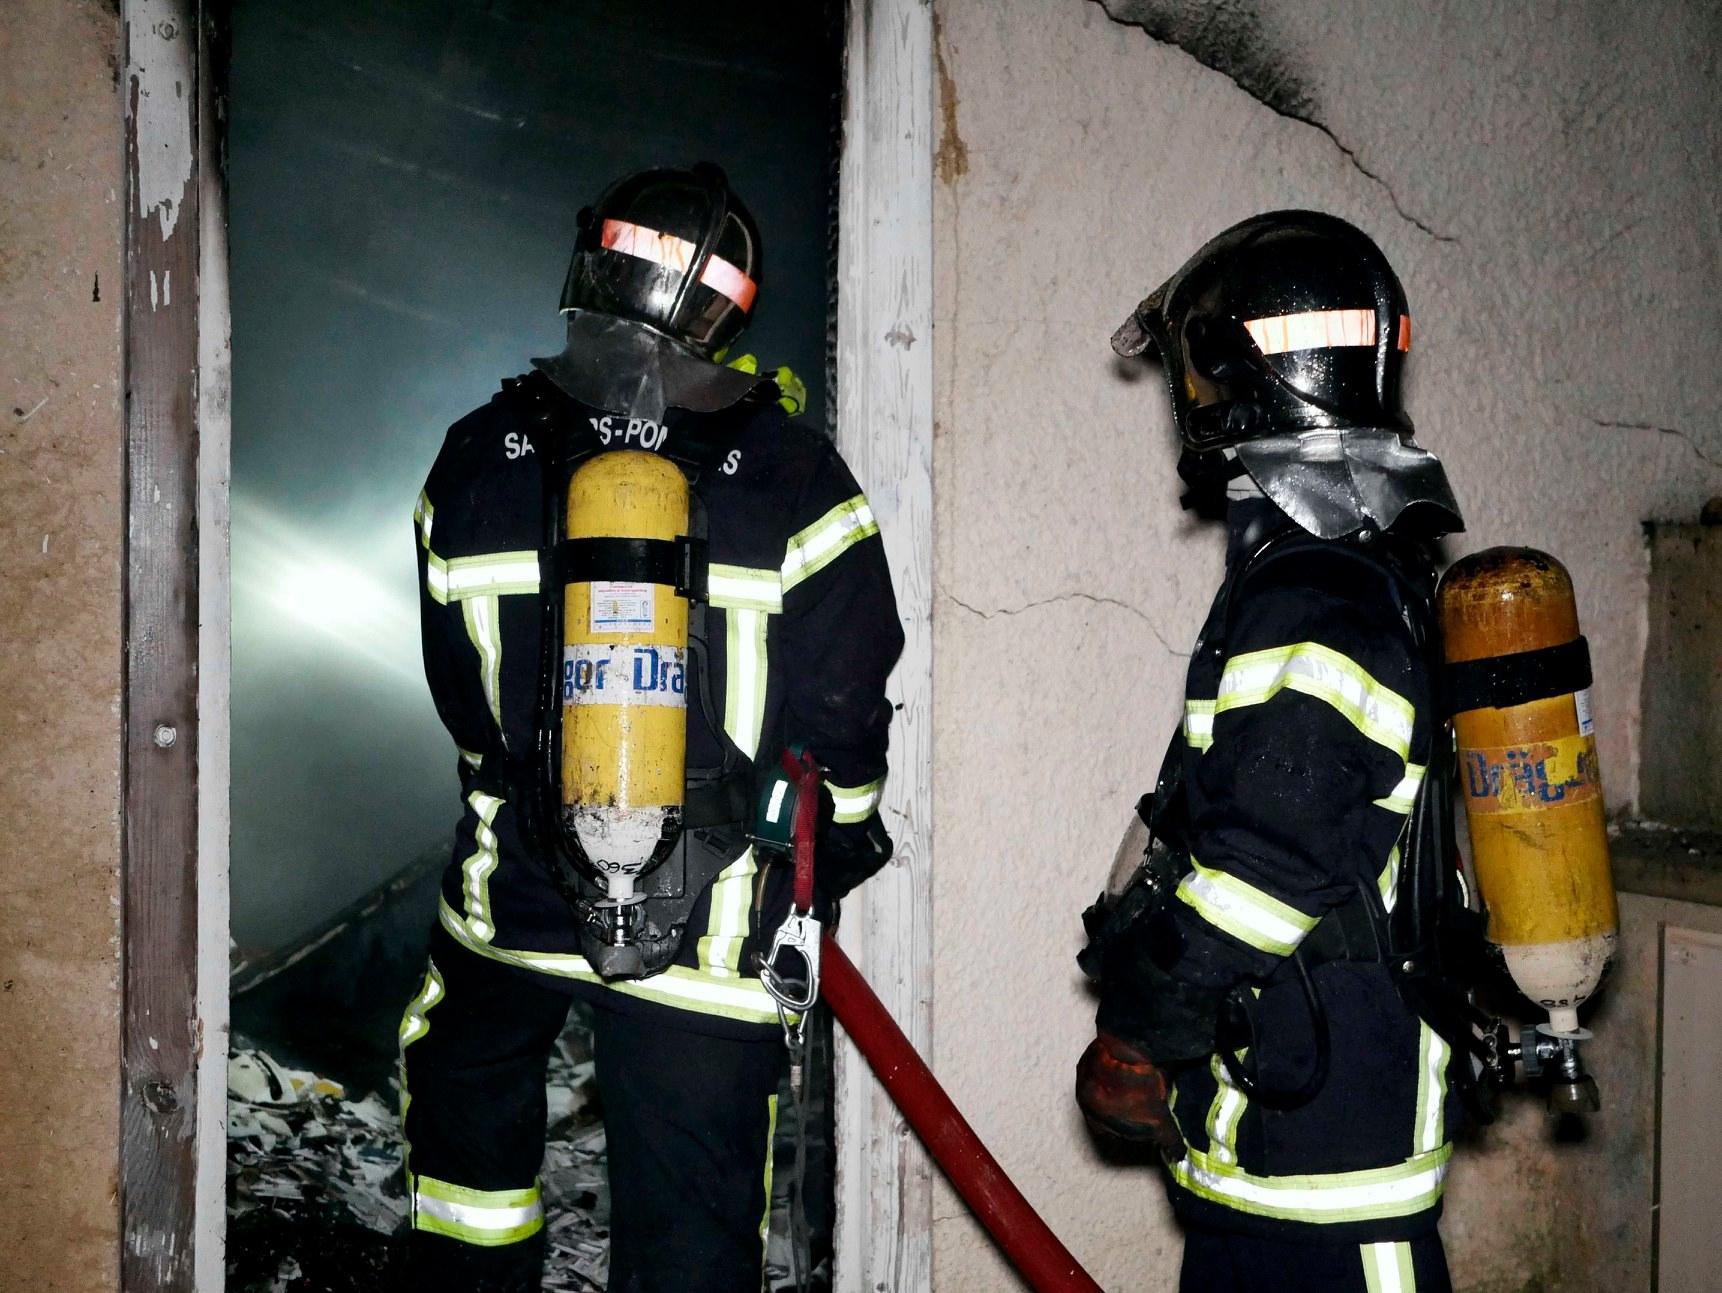 Gramat, l'hôtel en parti détruit dans un incendie